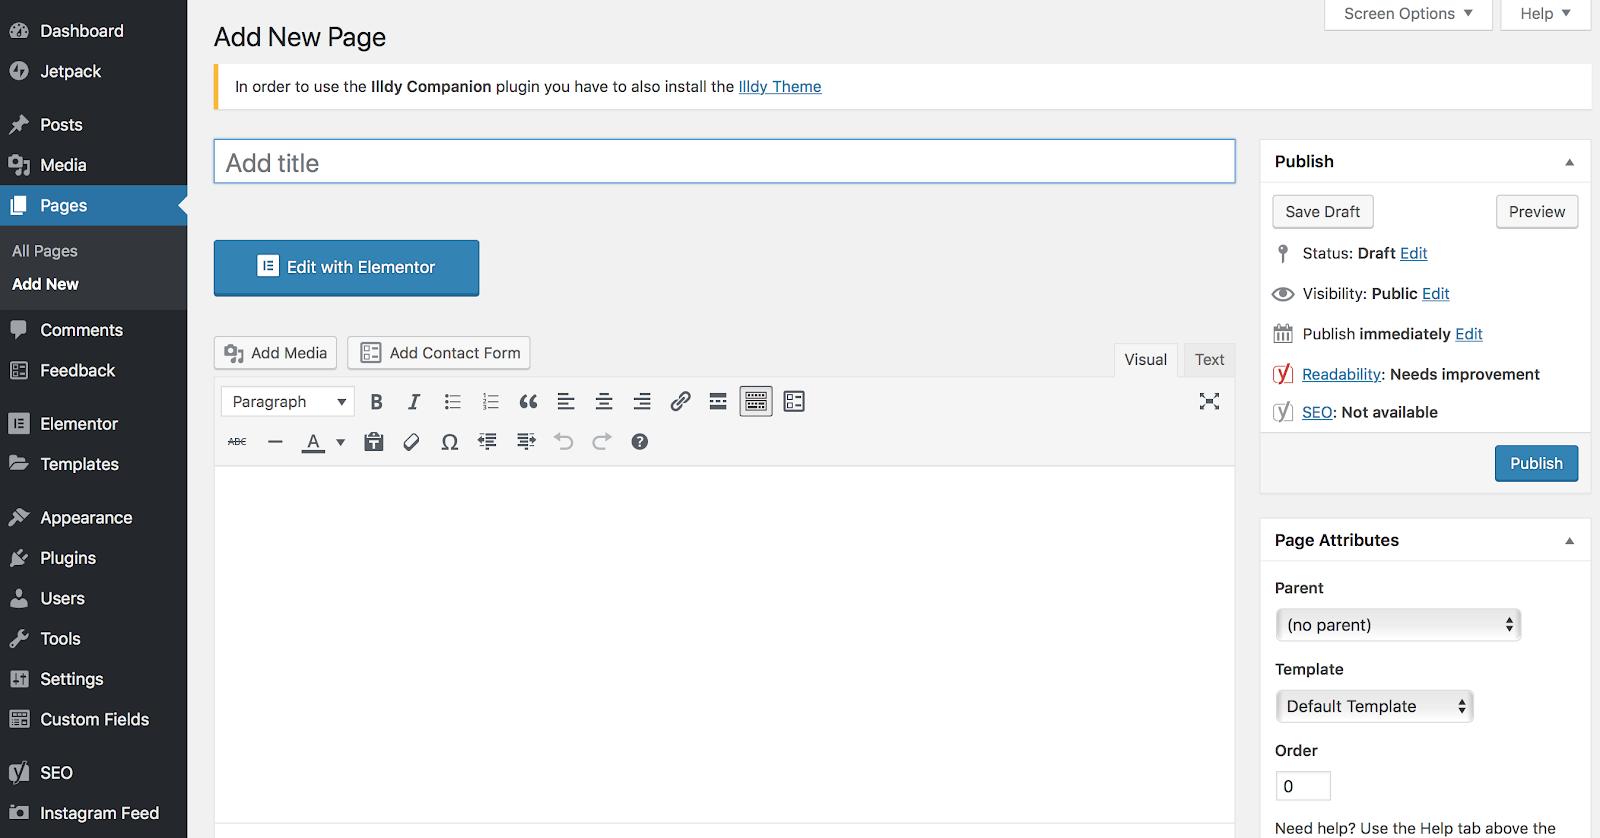 WordPress como CMS para bloguear gratis y publicar nuevas publicaciones